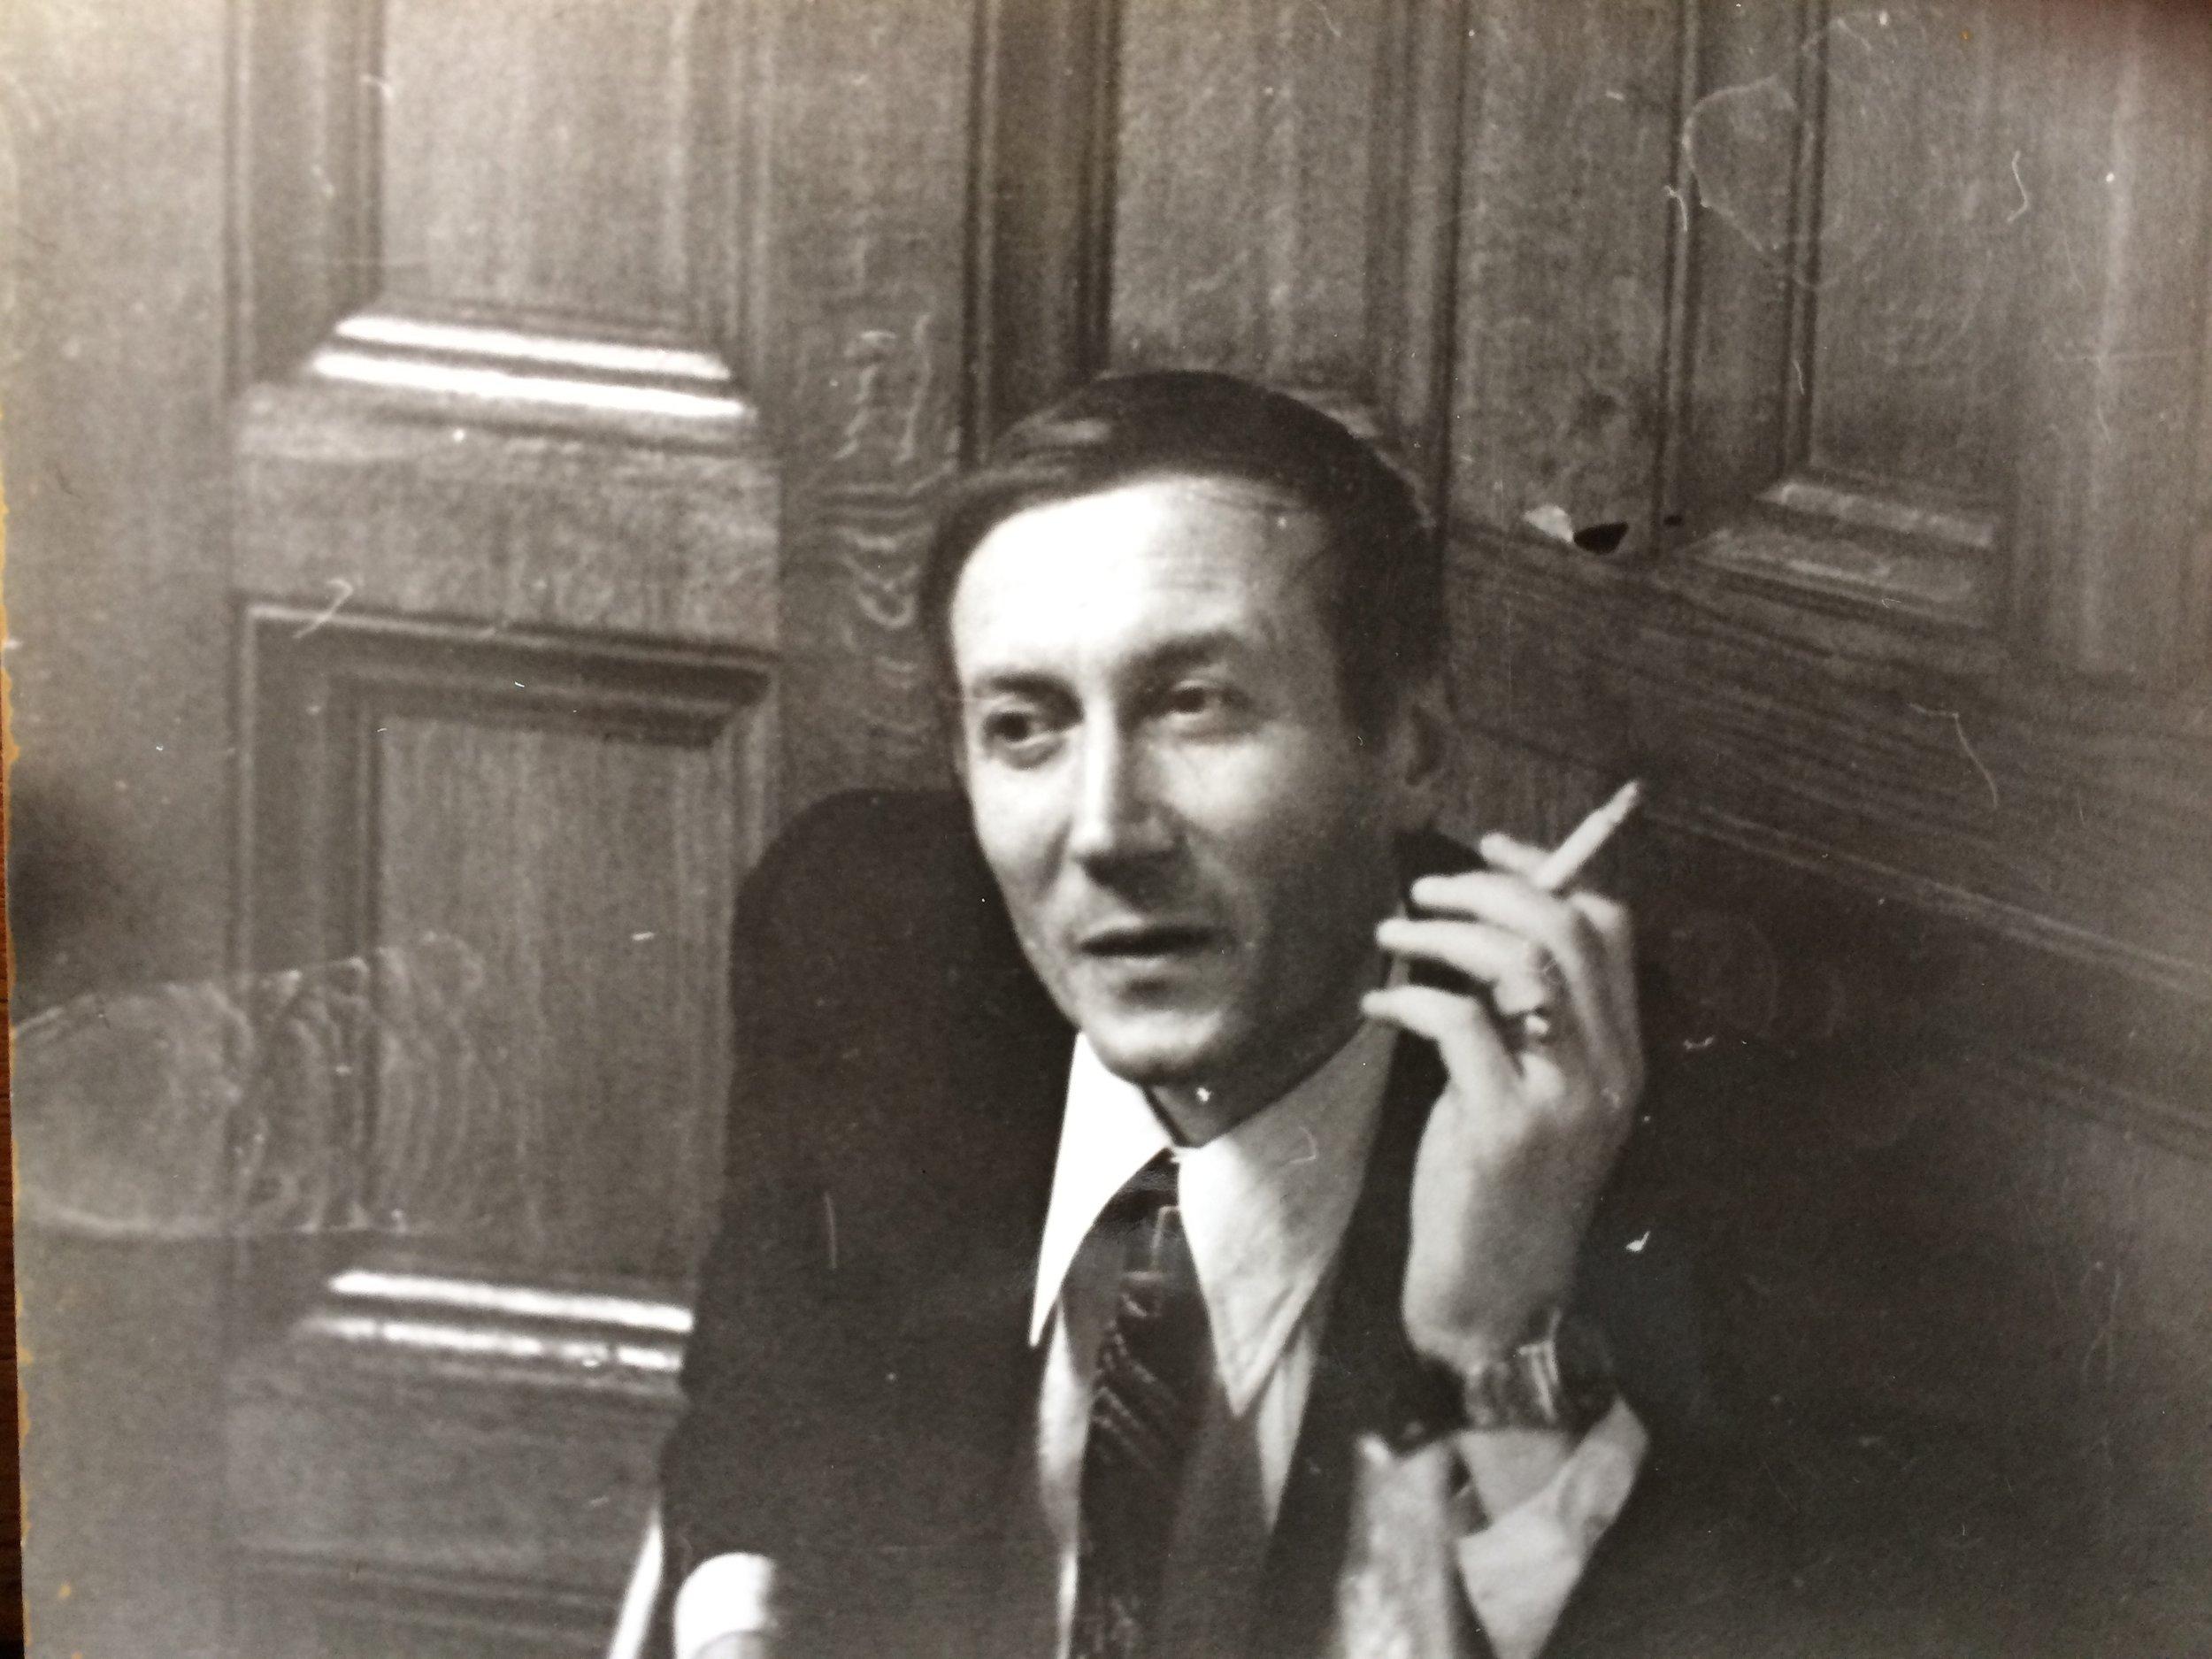 Yevtushenko in the 1970s. Image © Simon Franklin